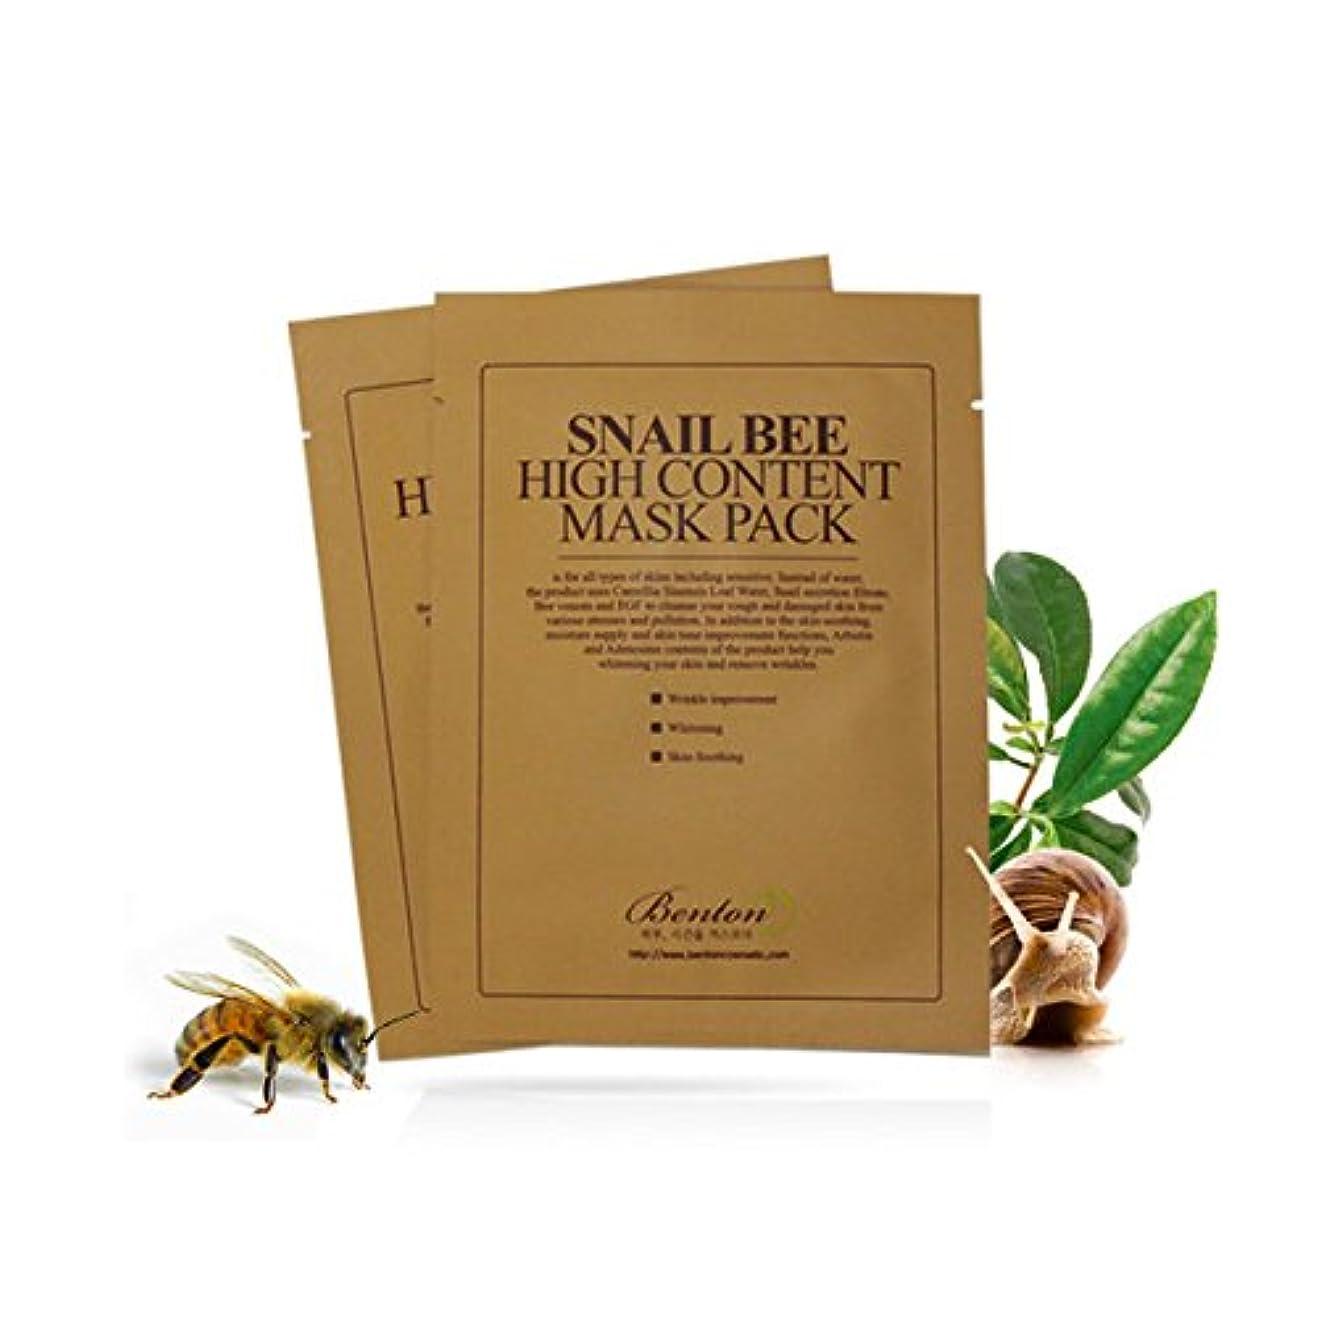 反発する受取人微視的[ベントン] BENTON カタツムリ蜂の高いコンテンツ?マスクパック Snail Bee High Content Mask Pack Sheet 10 Pcs [並行輸入品]